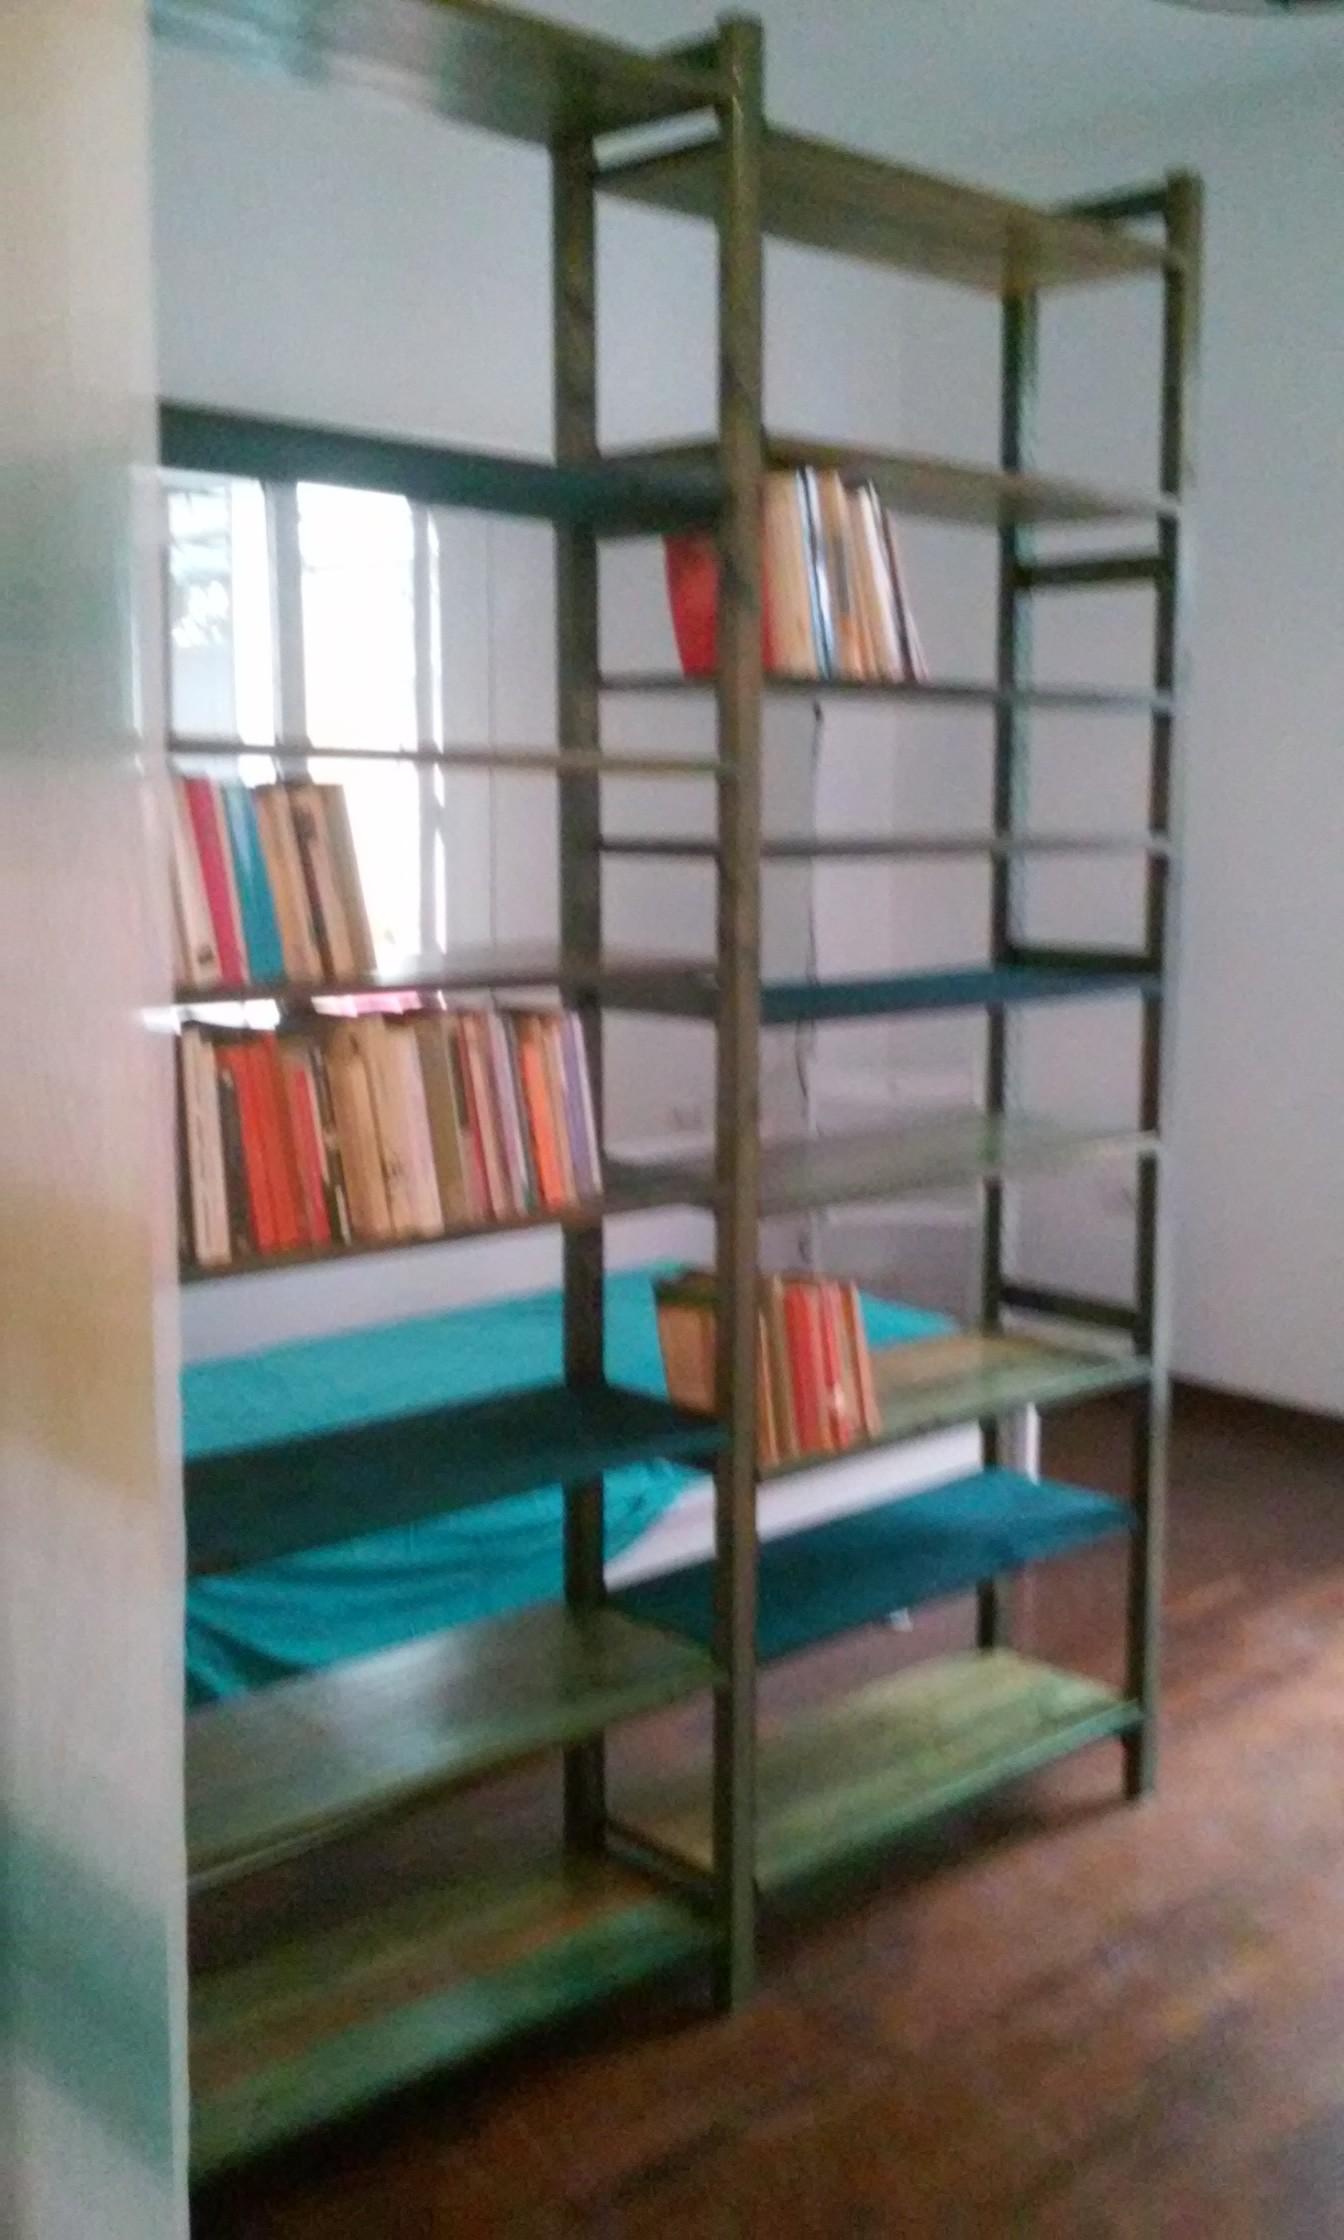 Politecnico bovisa stanza in appartamento con terrazza - Milano posto letto ...